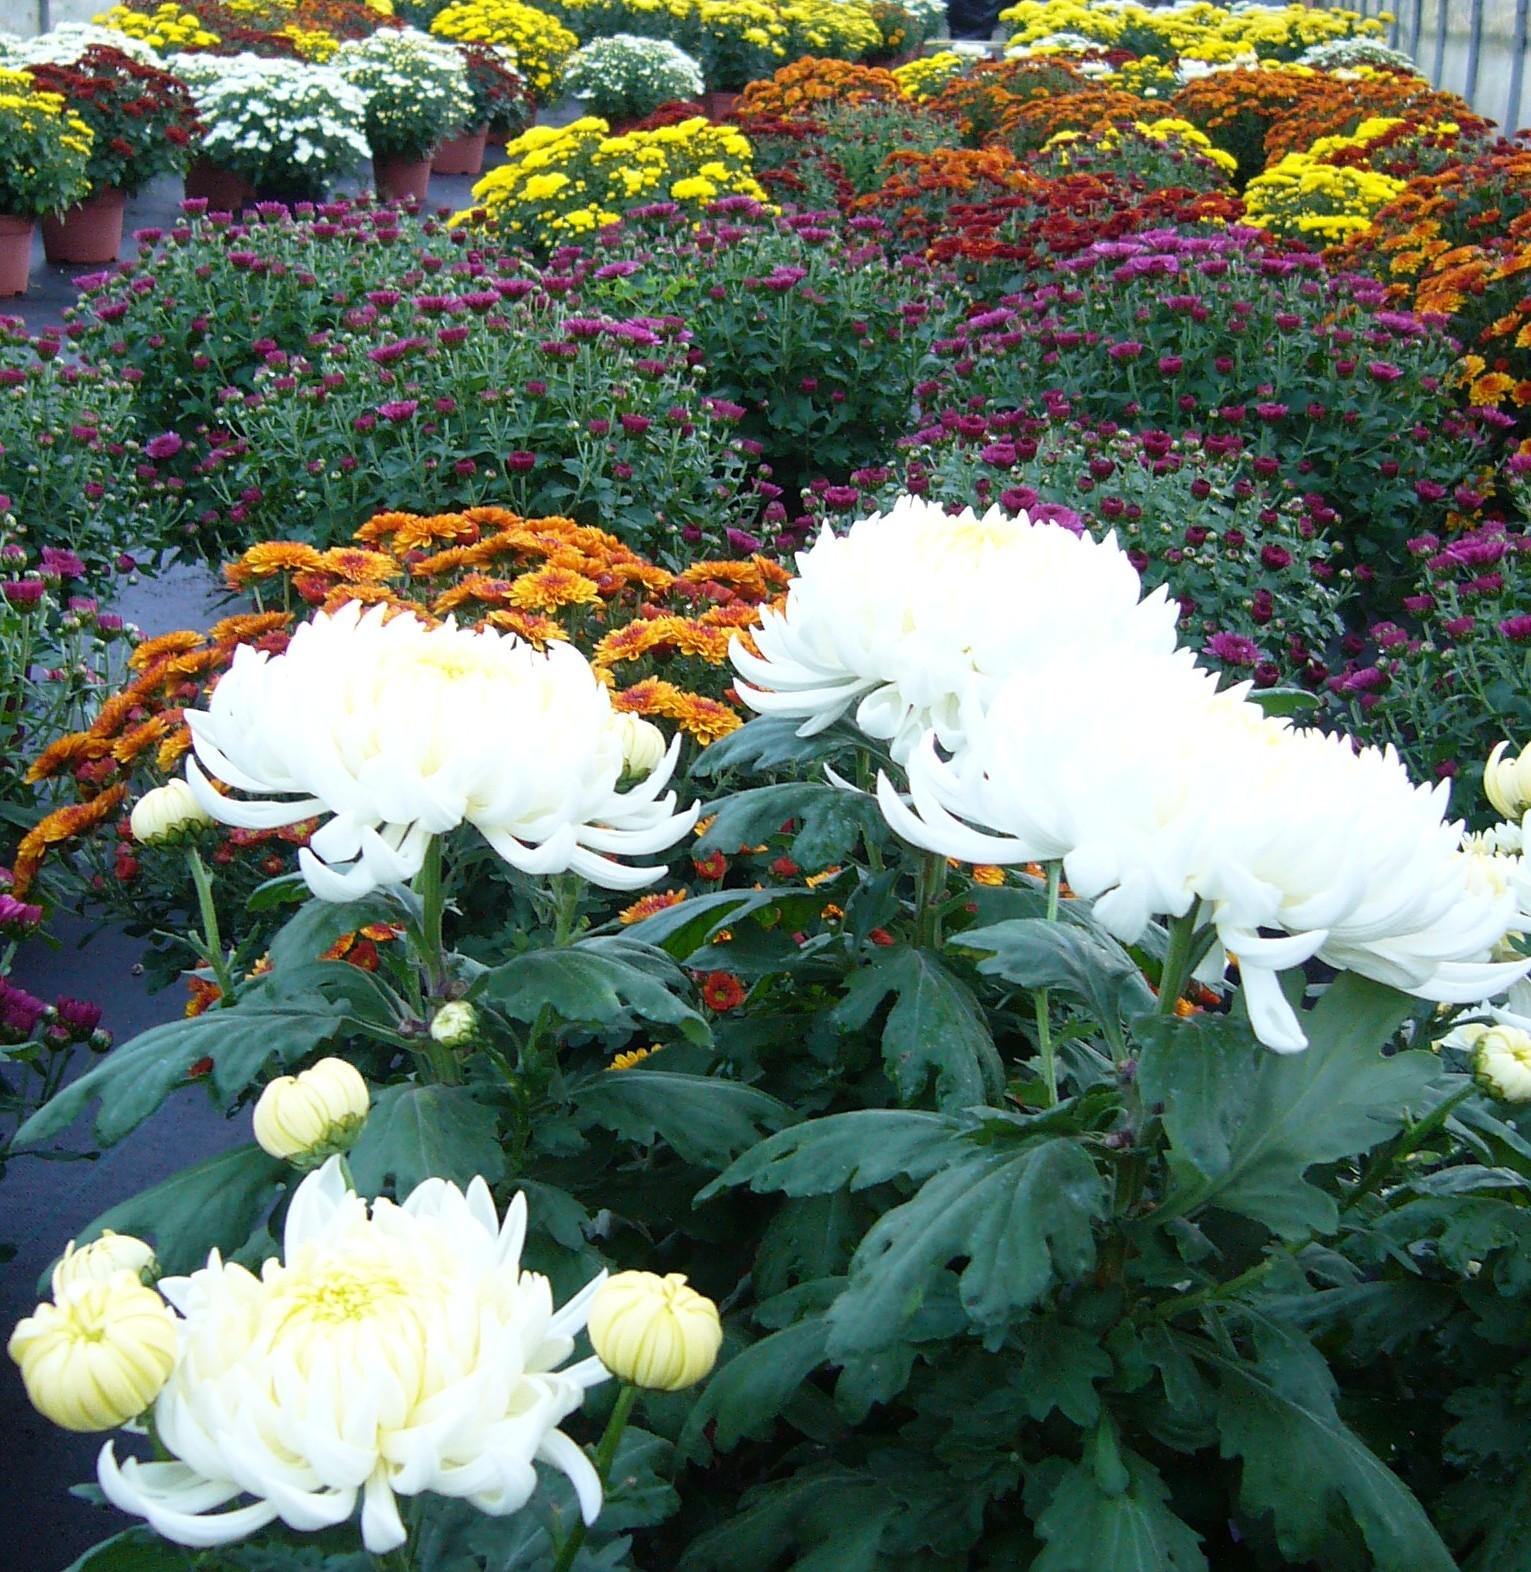 Vivaio biologico il ruscello crisantemi ciclamini - Crisantemi in vaso ...